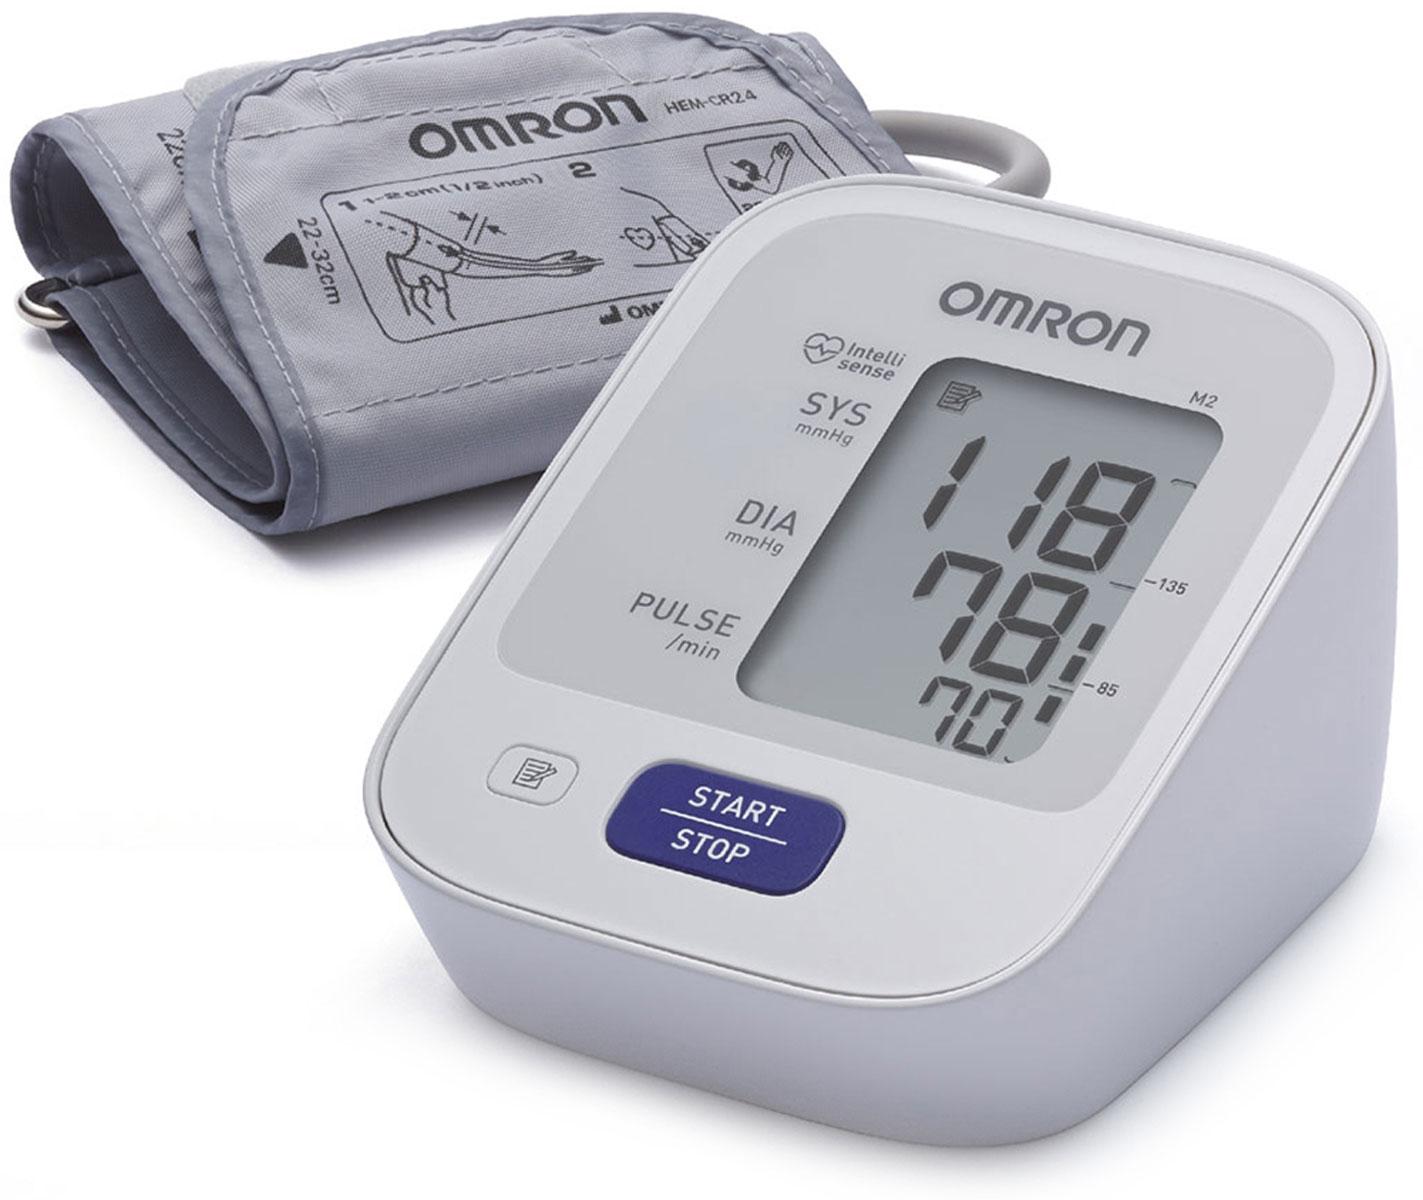 Omron M2 Basic тонометр + адаптер HEM-7121-ARUУТ000001757Предупредить инсульт в ваших силах! Тонометр Omron помогает контролировать артериальную гипертонию — основной фактор риска развития инсульта. Работает с детской манжетой 17-22 см - контроль оптимального давления в манжетеКомплект поставки:Электронный блок, манжета компрессионная CM, руководство по эксплуатации, чехол для хранения прибора, комплект элементов питания, журнал для записи артериального давления, гарантийный талон